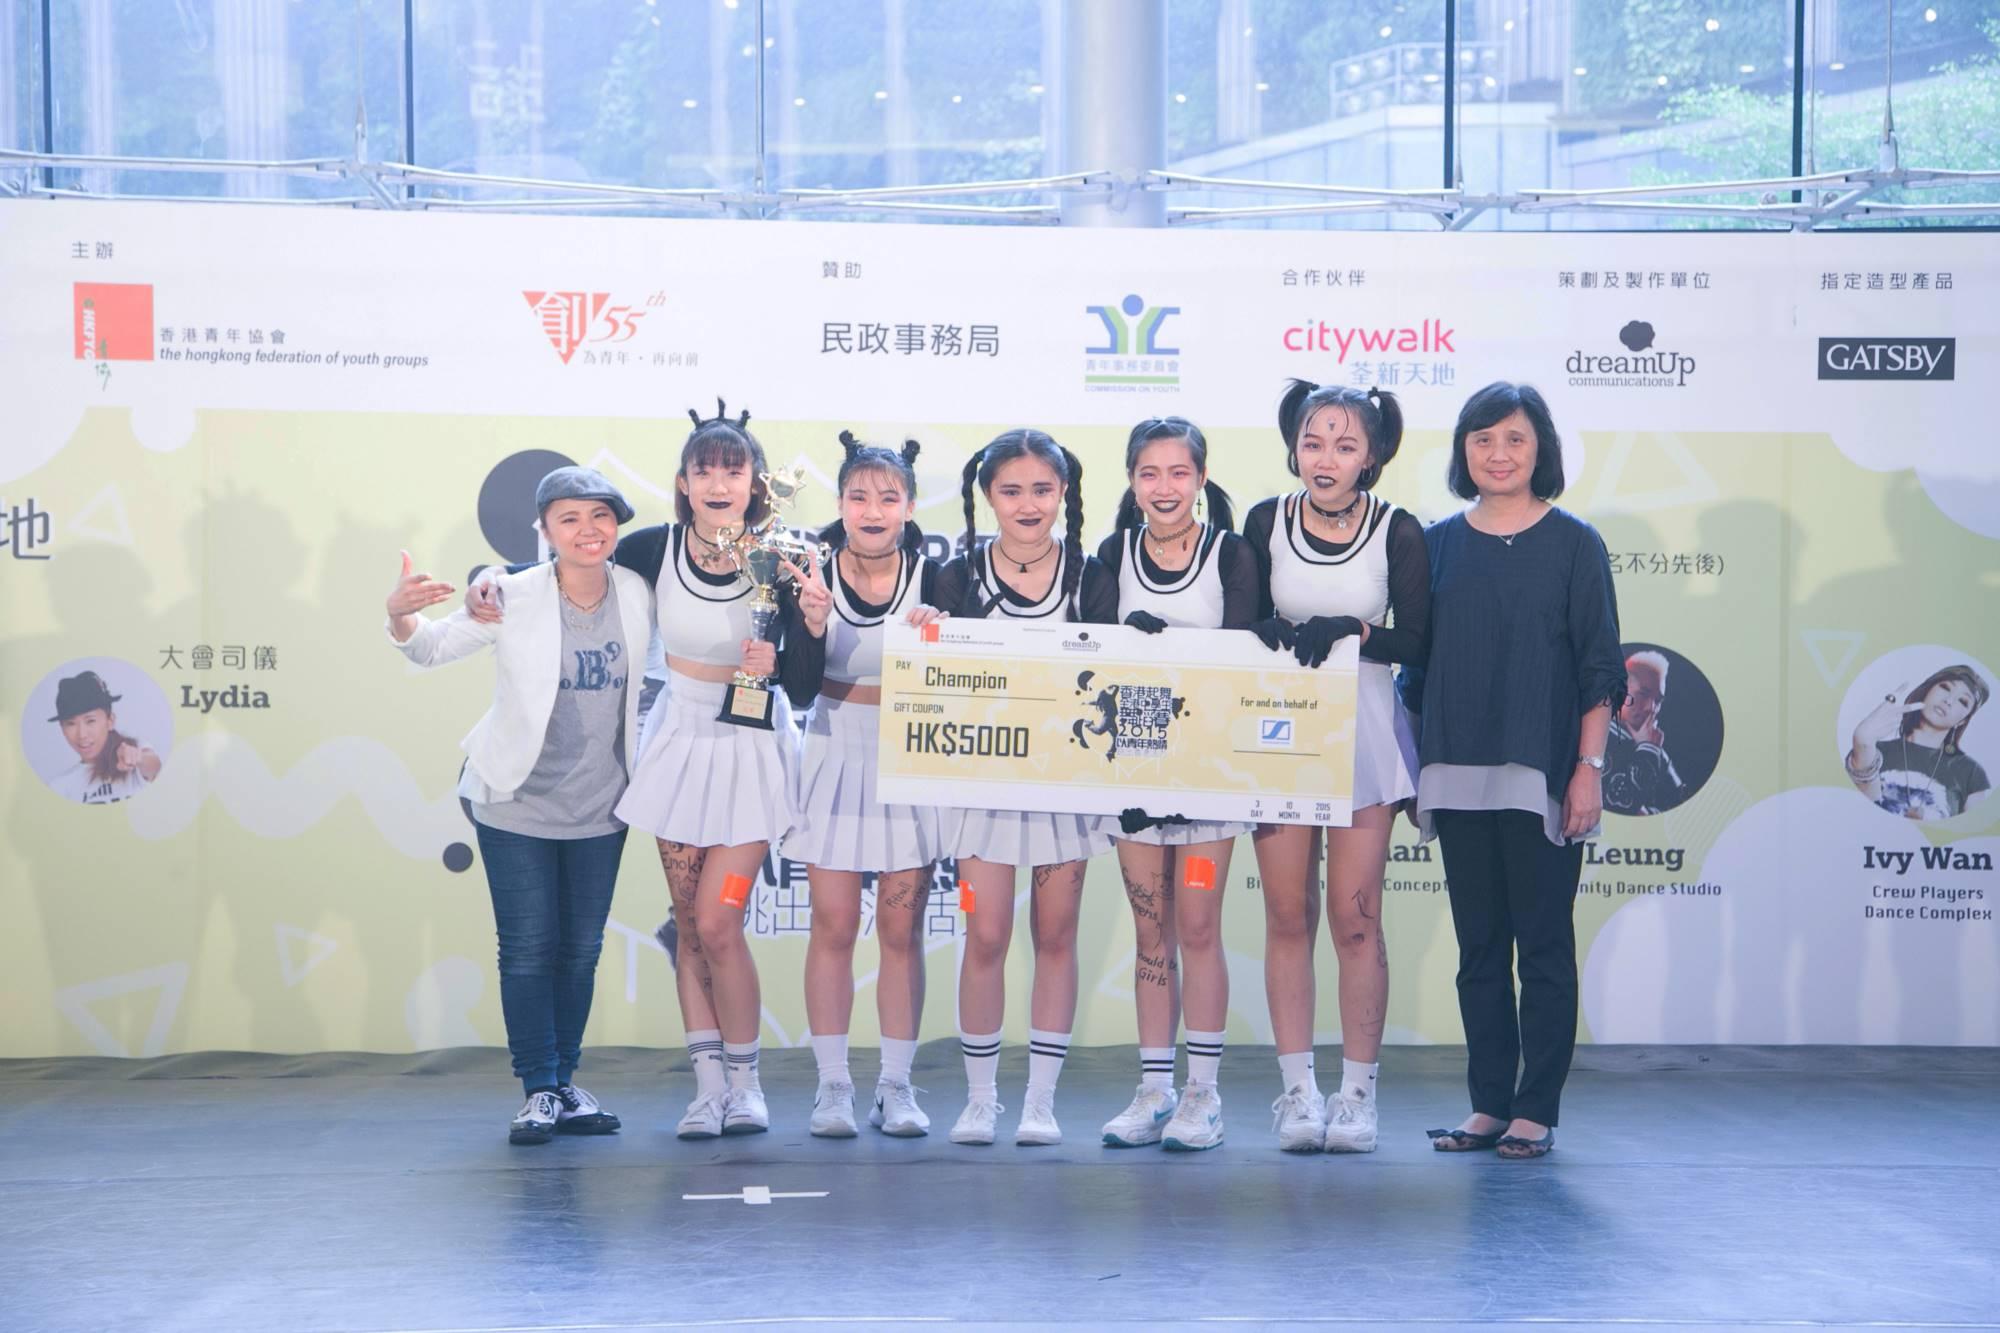 全港中學生舞蹈賽2015得獎隊伍 (5)